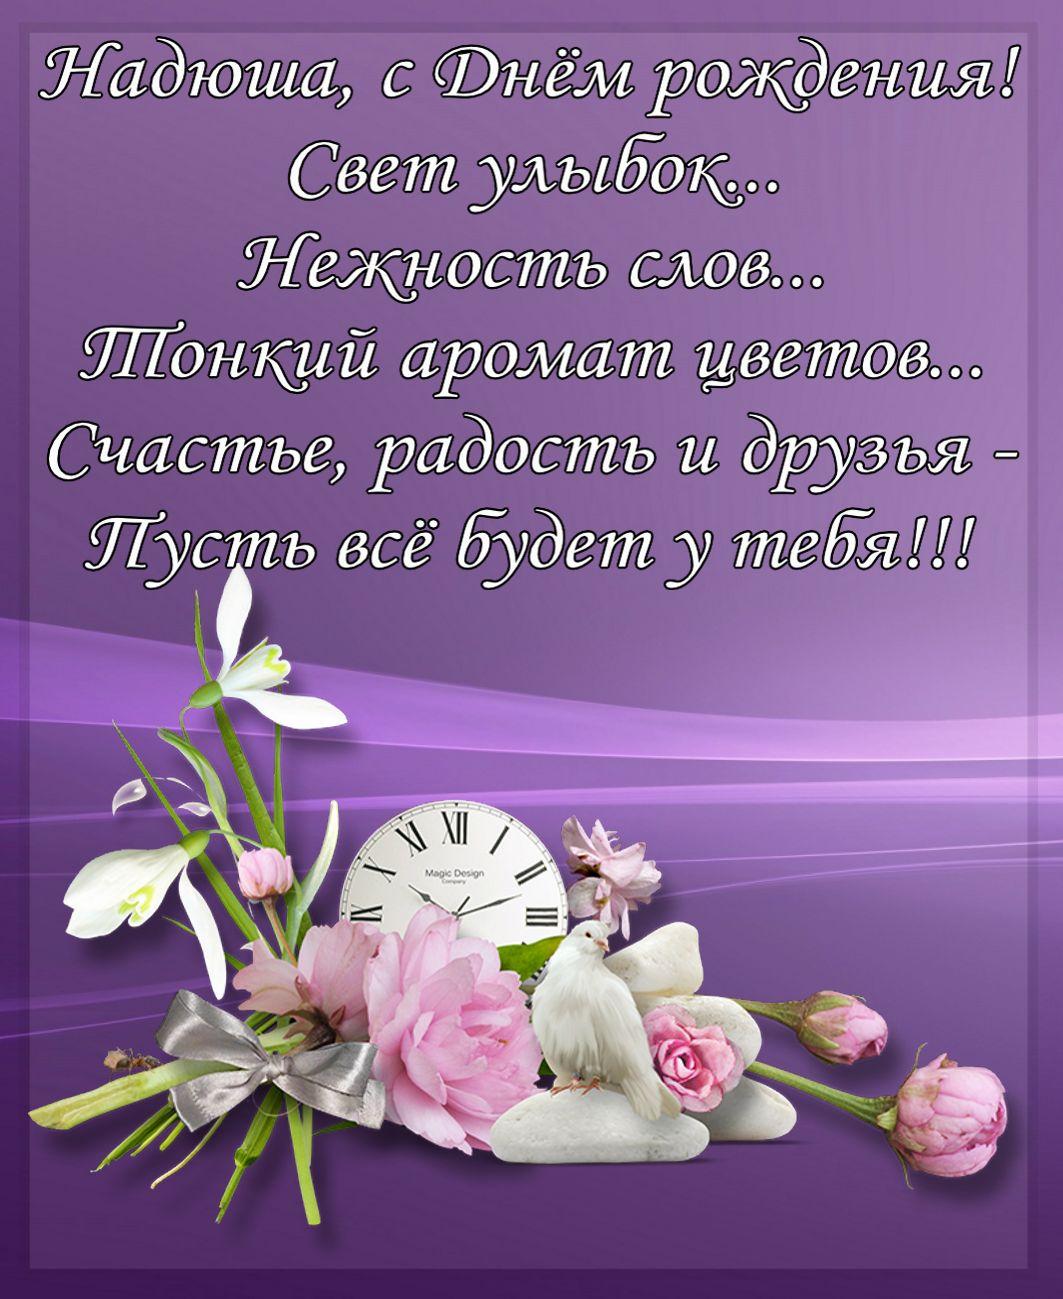 Поздравления с днем рождения Наде - Поздравок